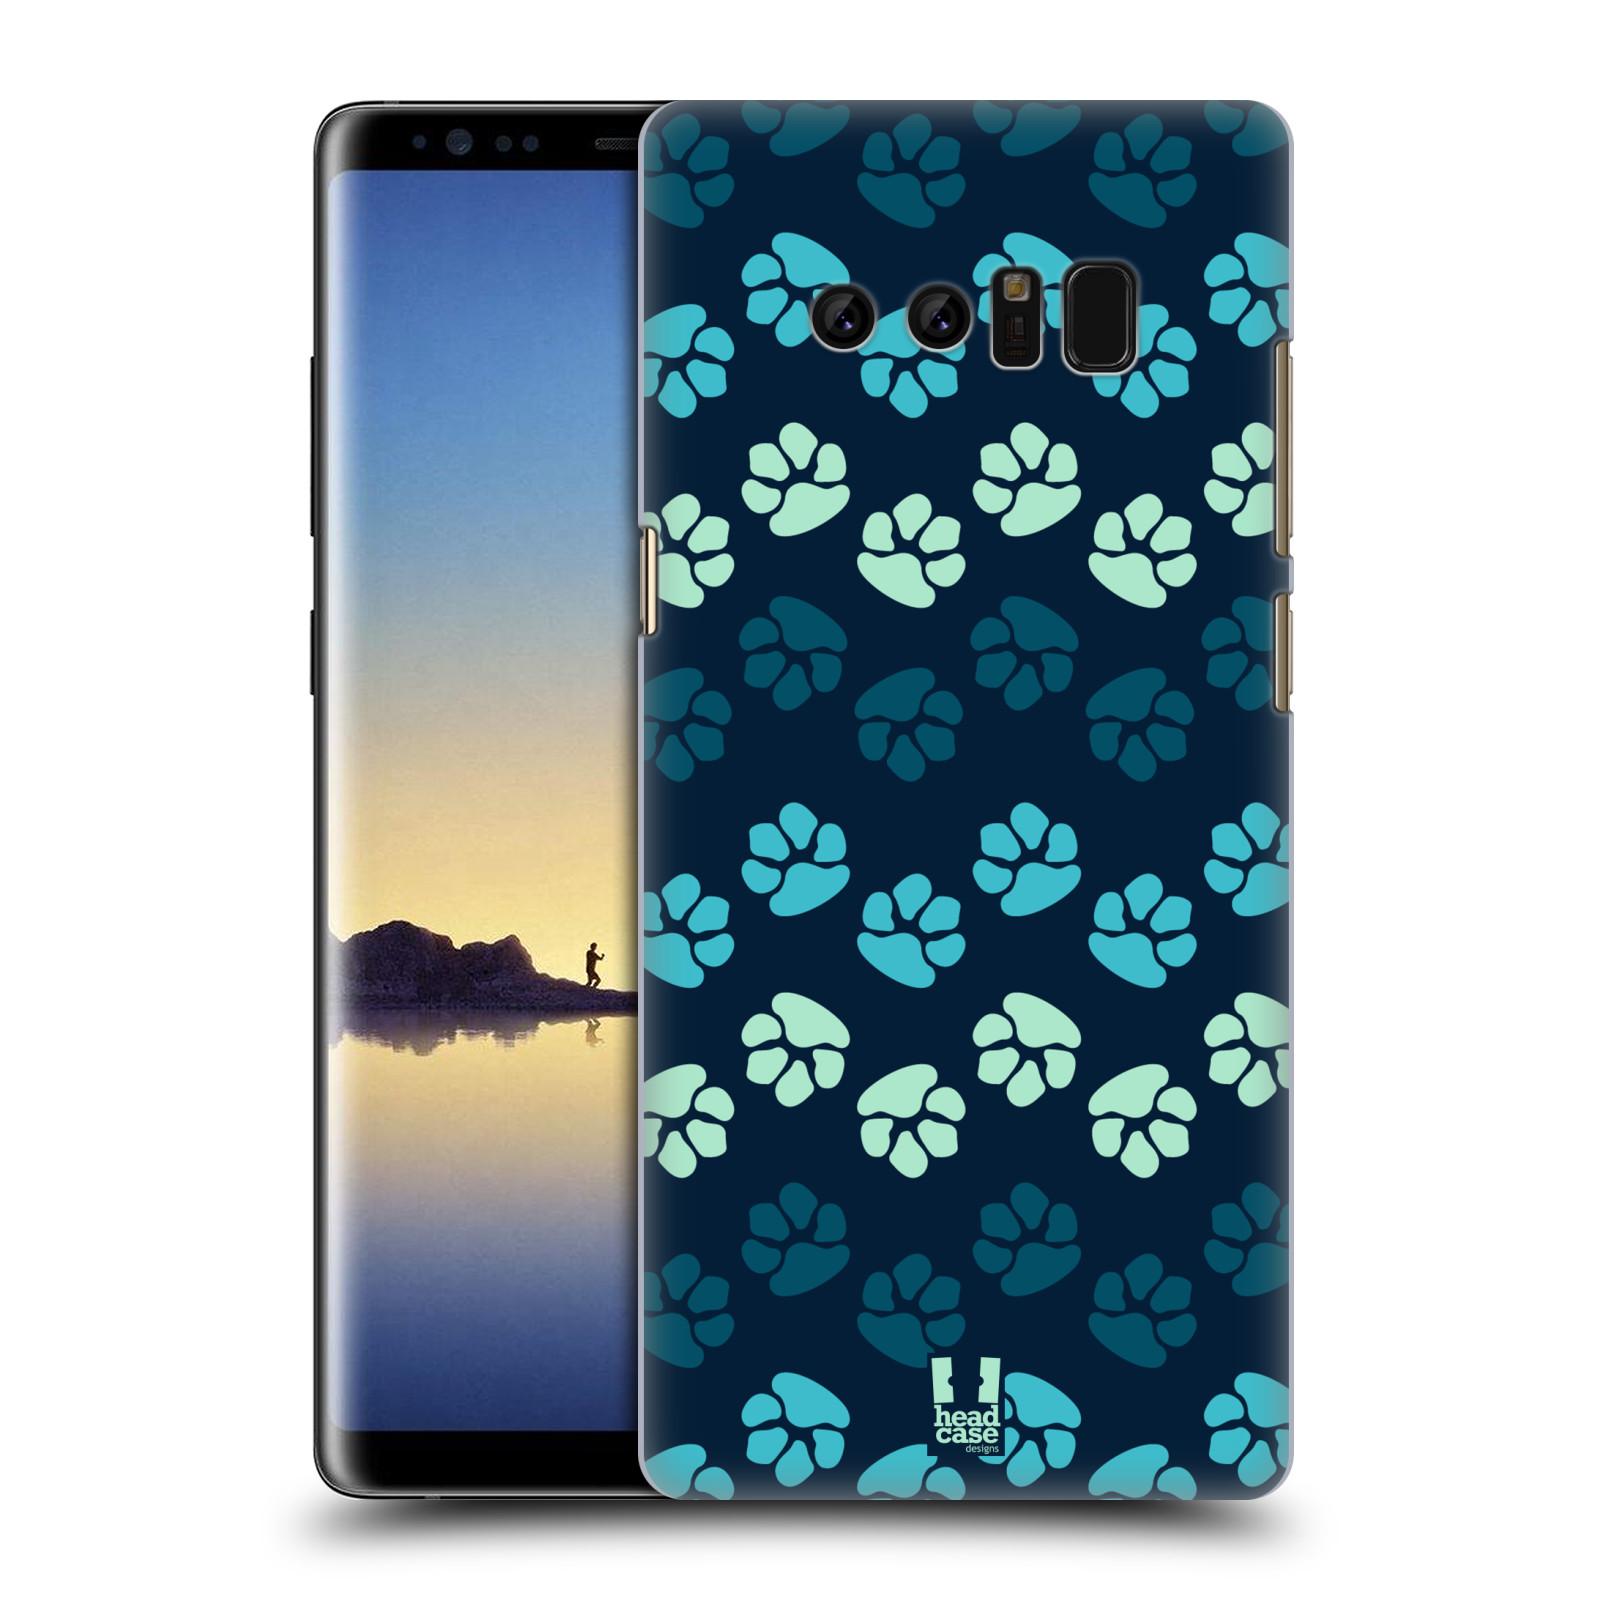 Plastové pouzdro na mobil Samsung Galaxy Note 8 - Head Case - TLAPKY MODRÉ (Plastový kryt či obal na mobilní telefon Samsung Galaxy Note 8 SM-N950 s motivem TLAPKY MODRÉ)